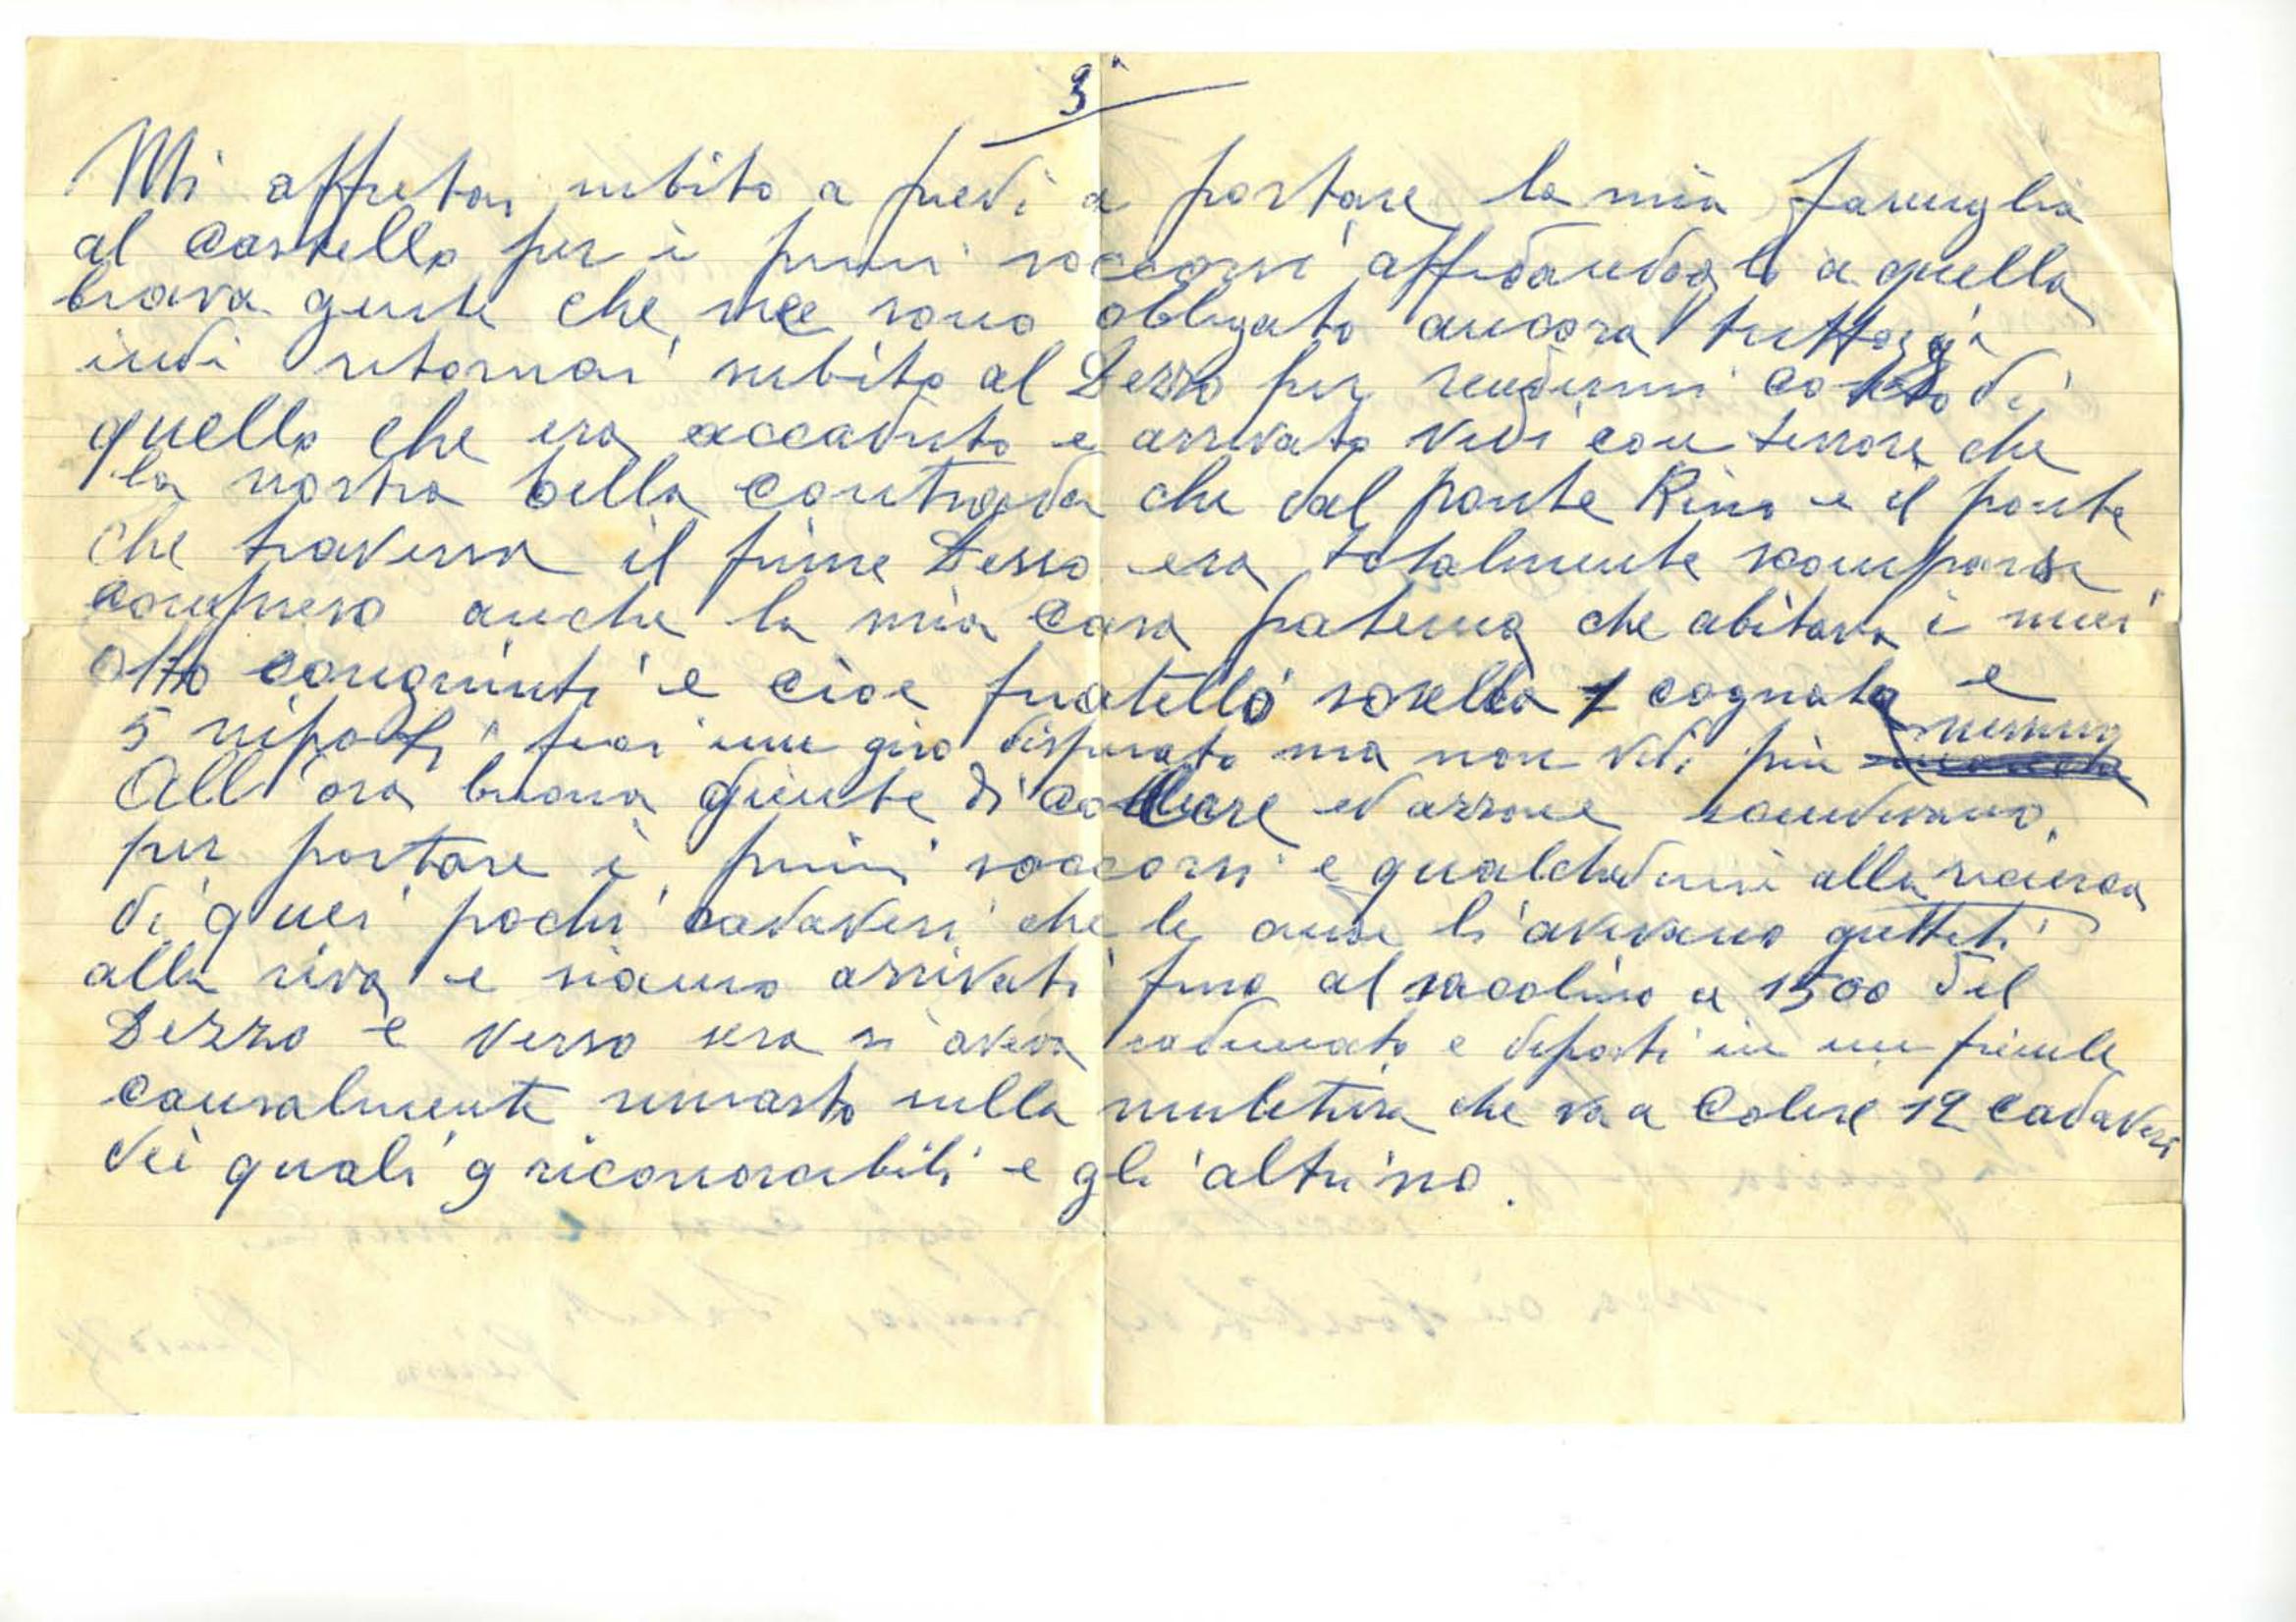 Lettera di Bendotti Pietro_03